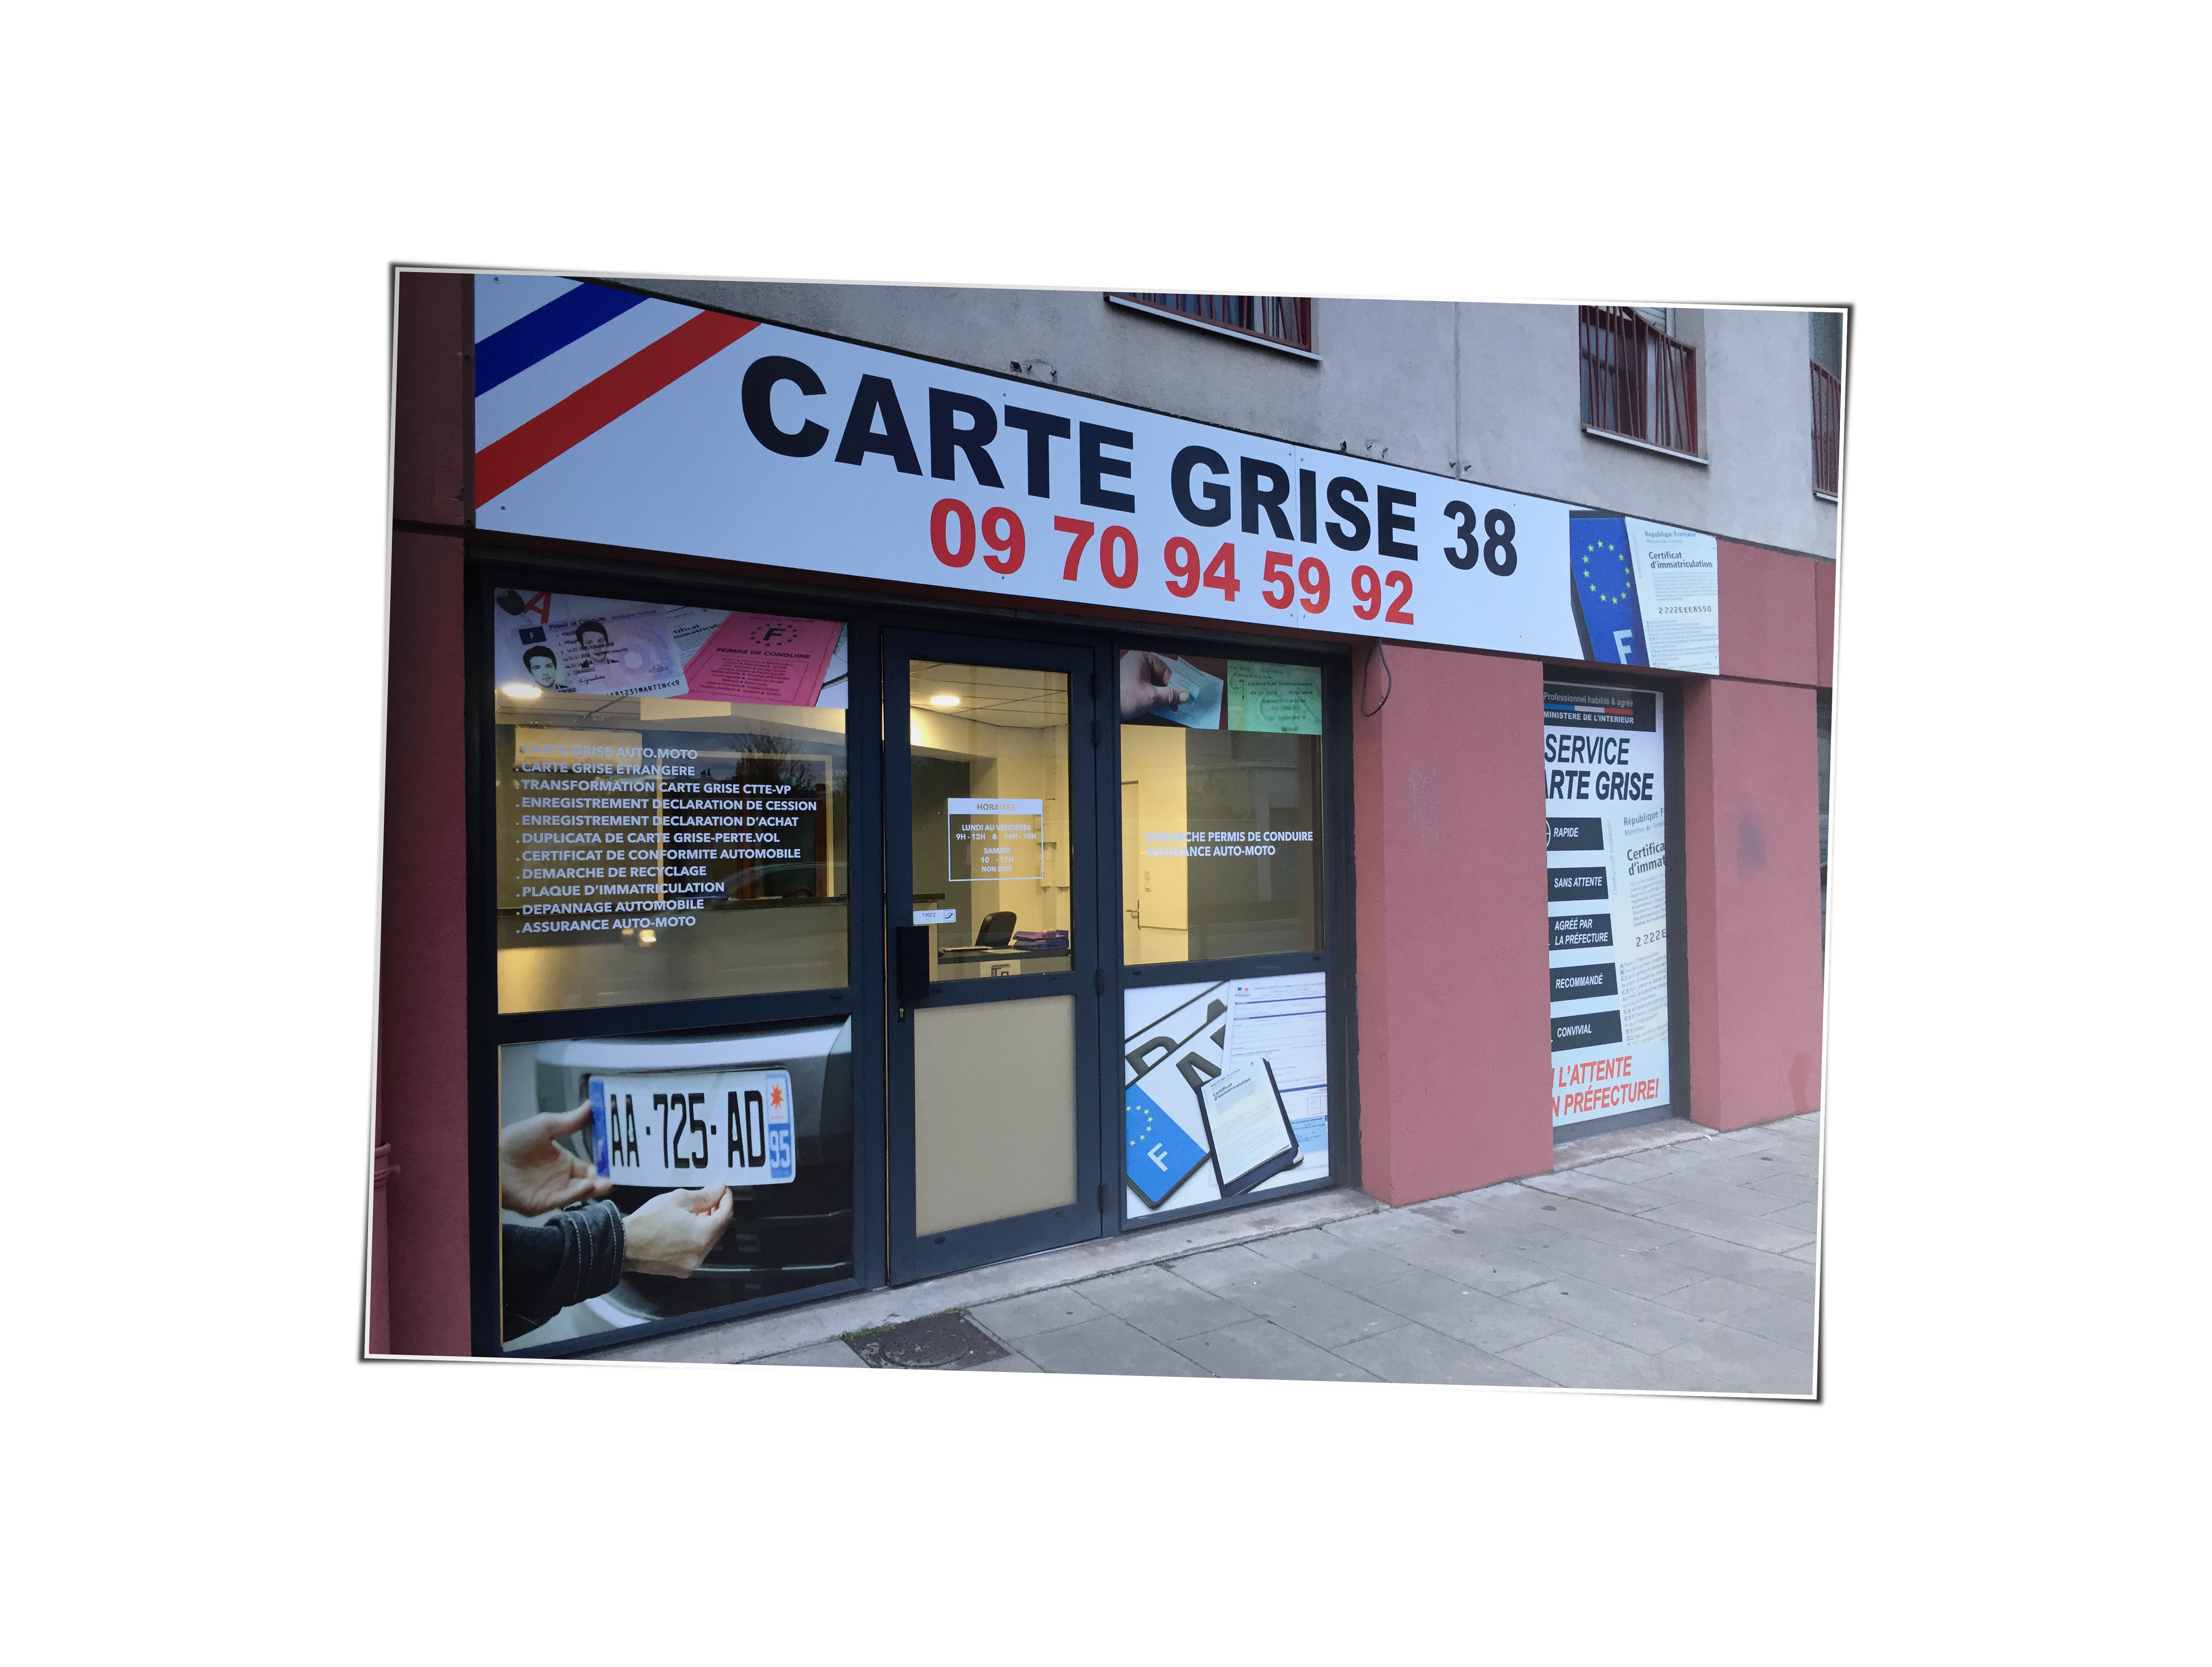 Bureau Pour Faire Carte Grise : Carte grise